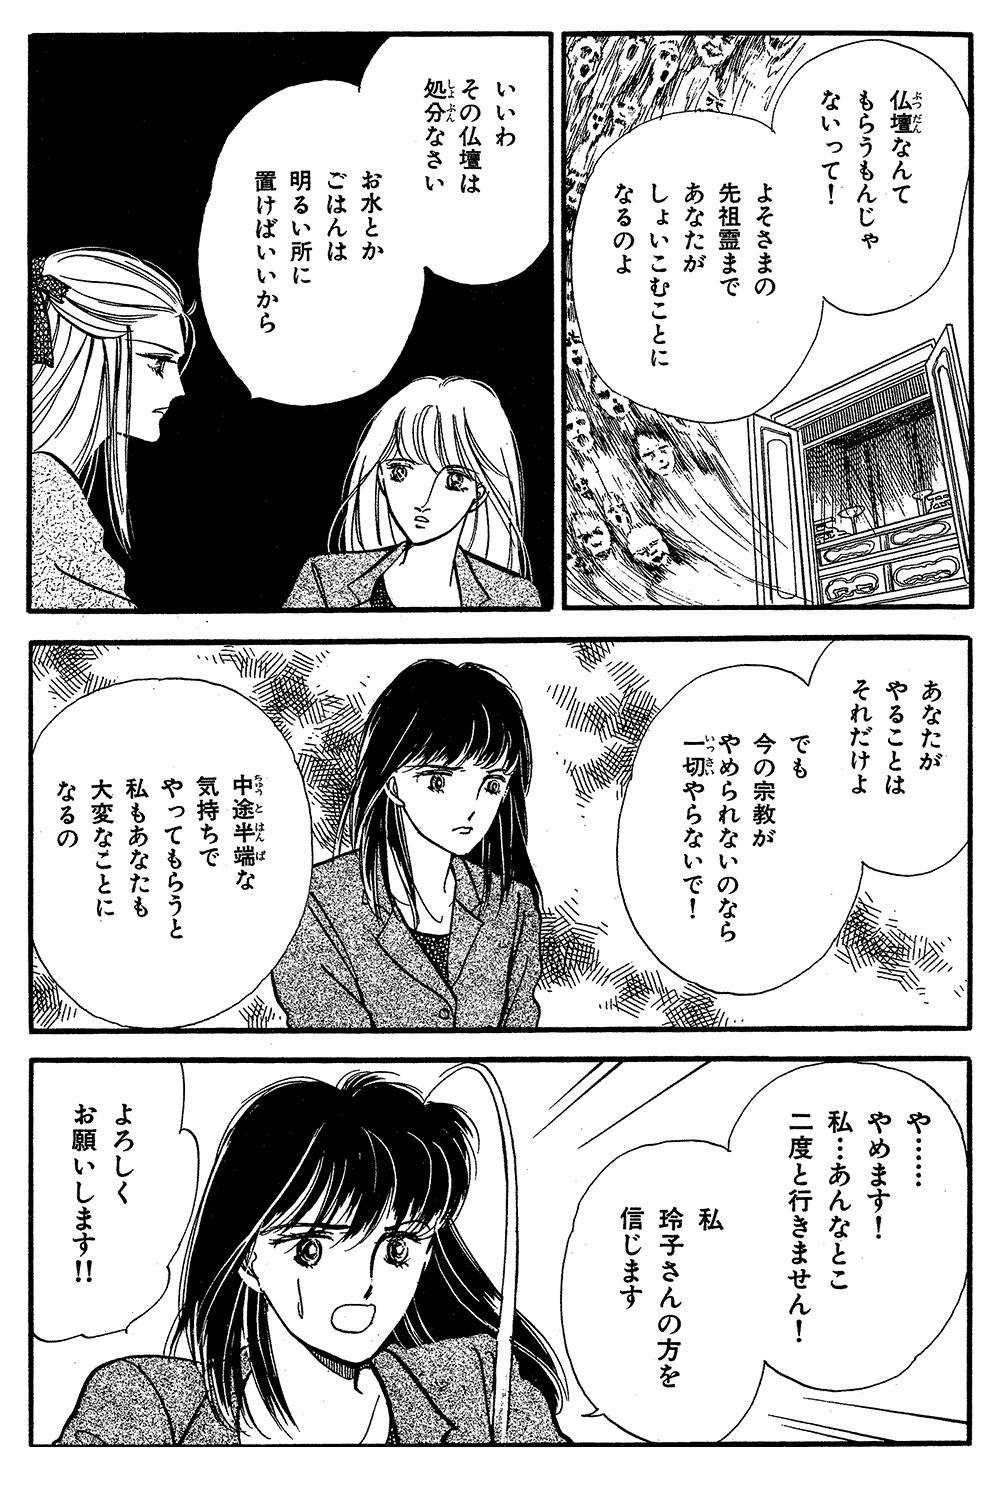 魔百合の恐怖報告  第3話「消えた黒猫」③mayuri09-03.jpg